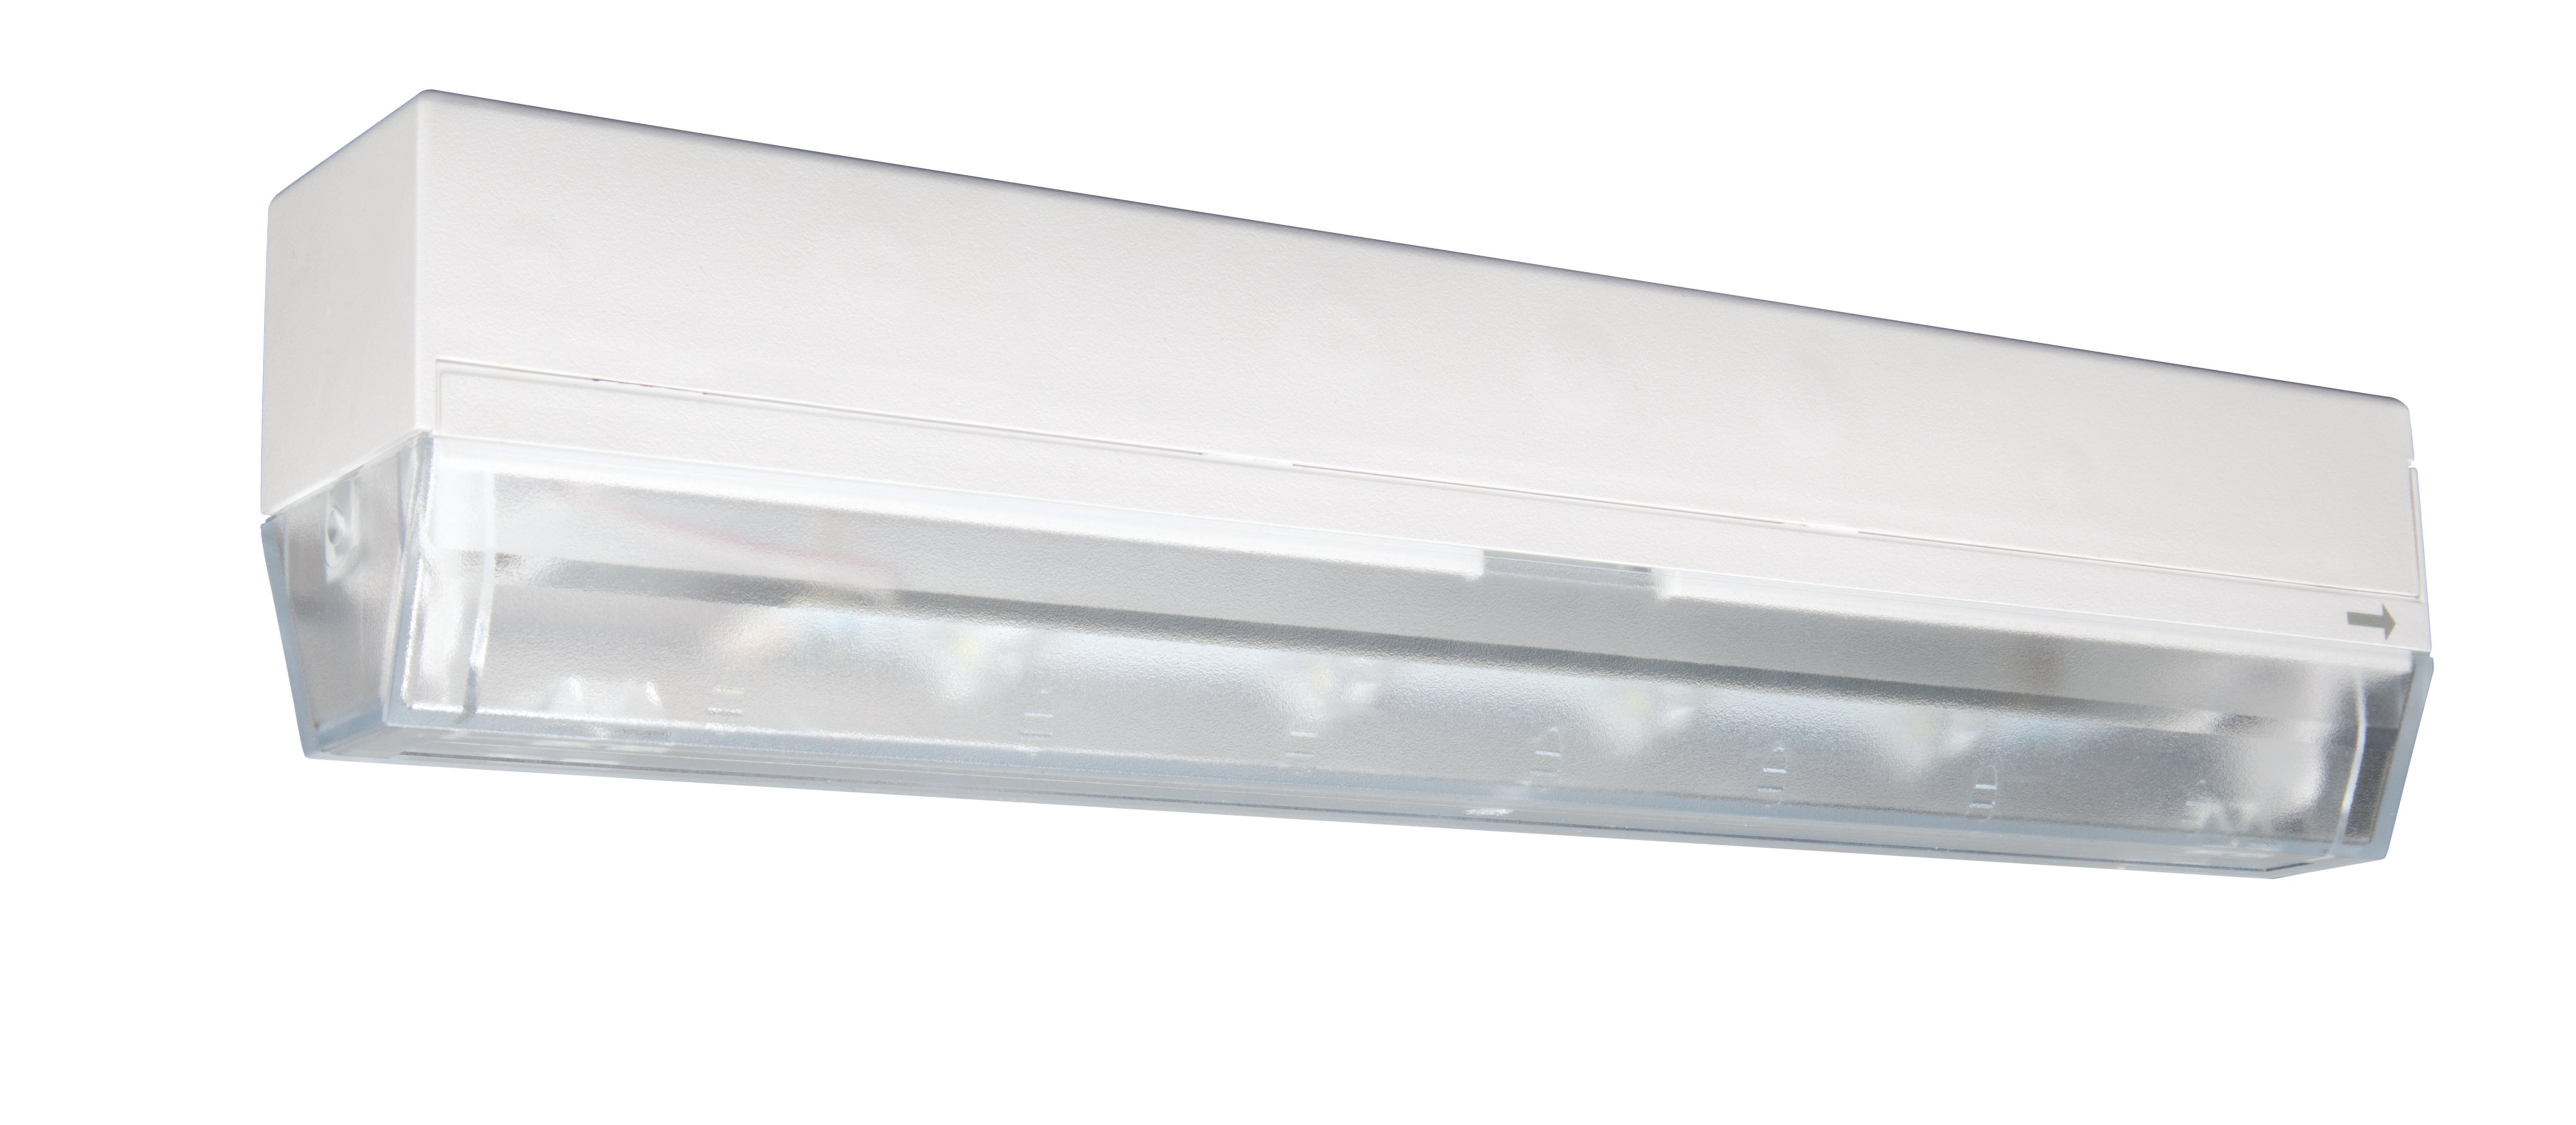 1 Stk Notleuchte KE Überwachung und Mischbetrieb ERT-LED 230V NLKEU039ML